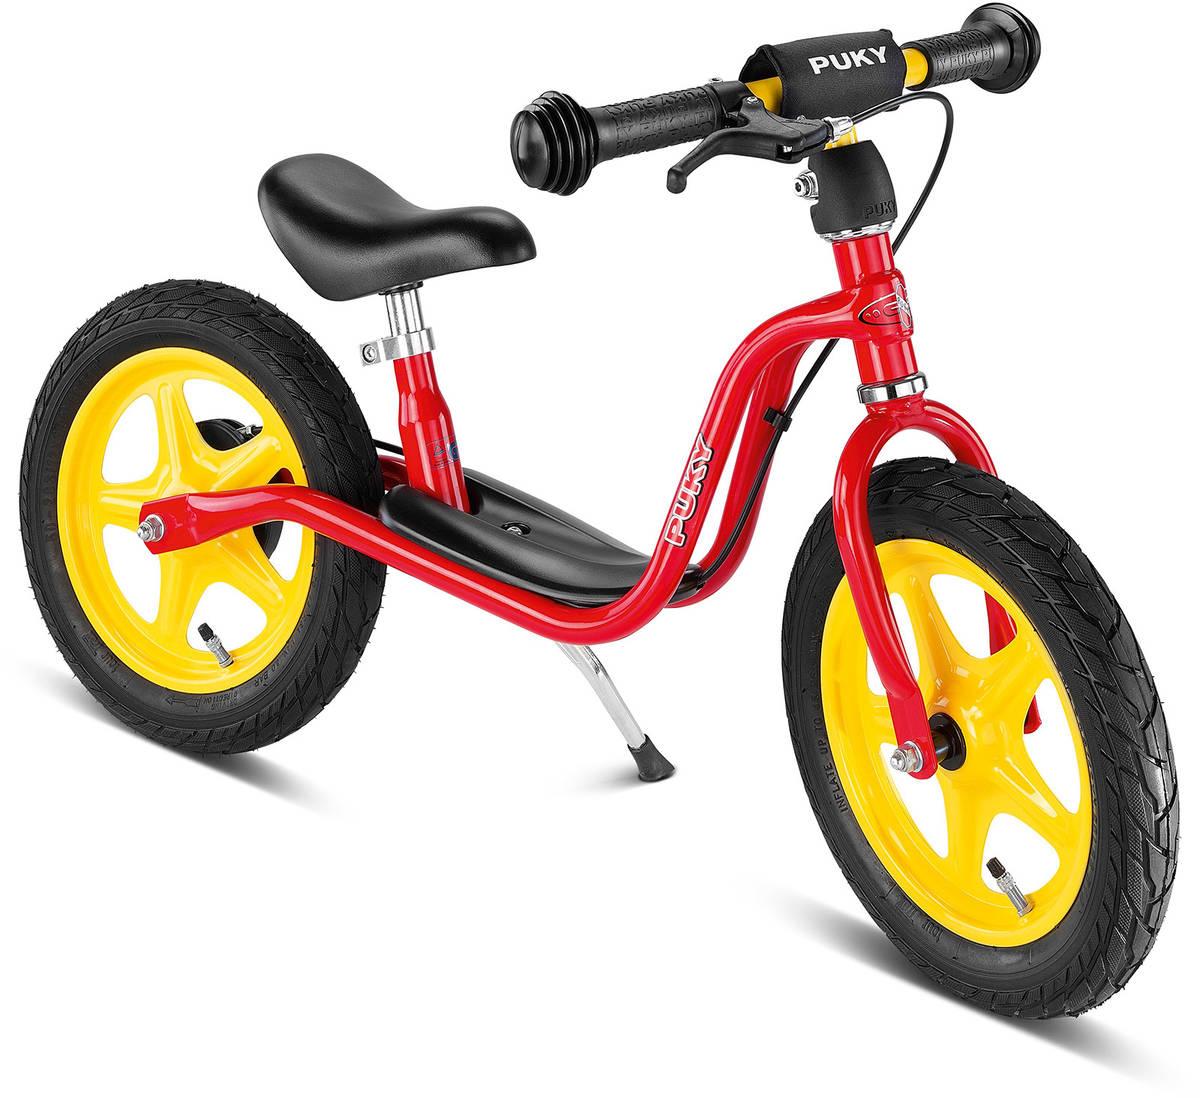 Punainen (4033) - Potkupyörät - 401573104111 - 17